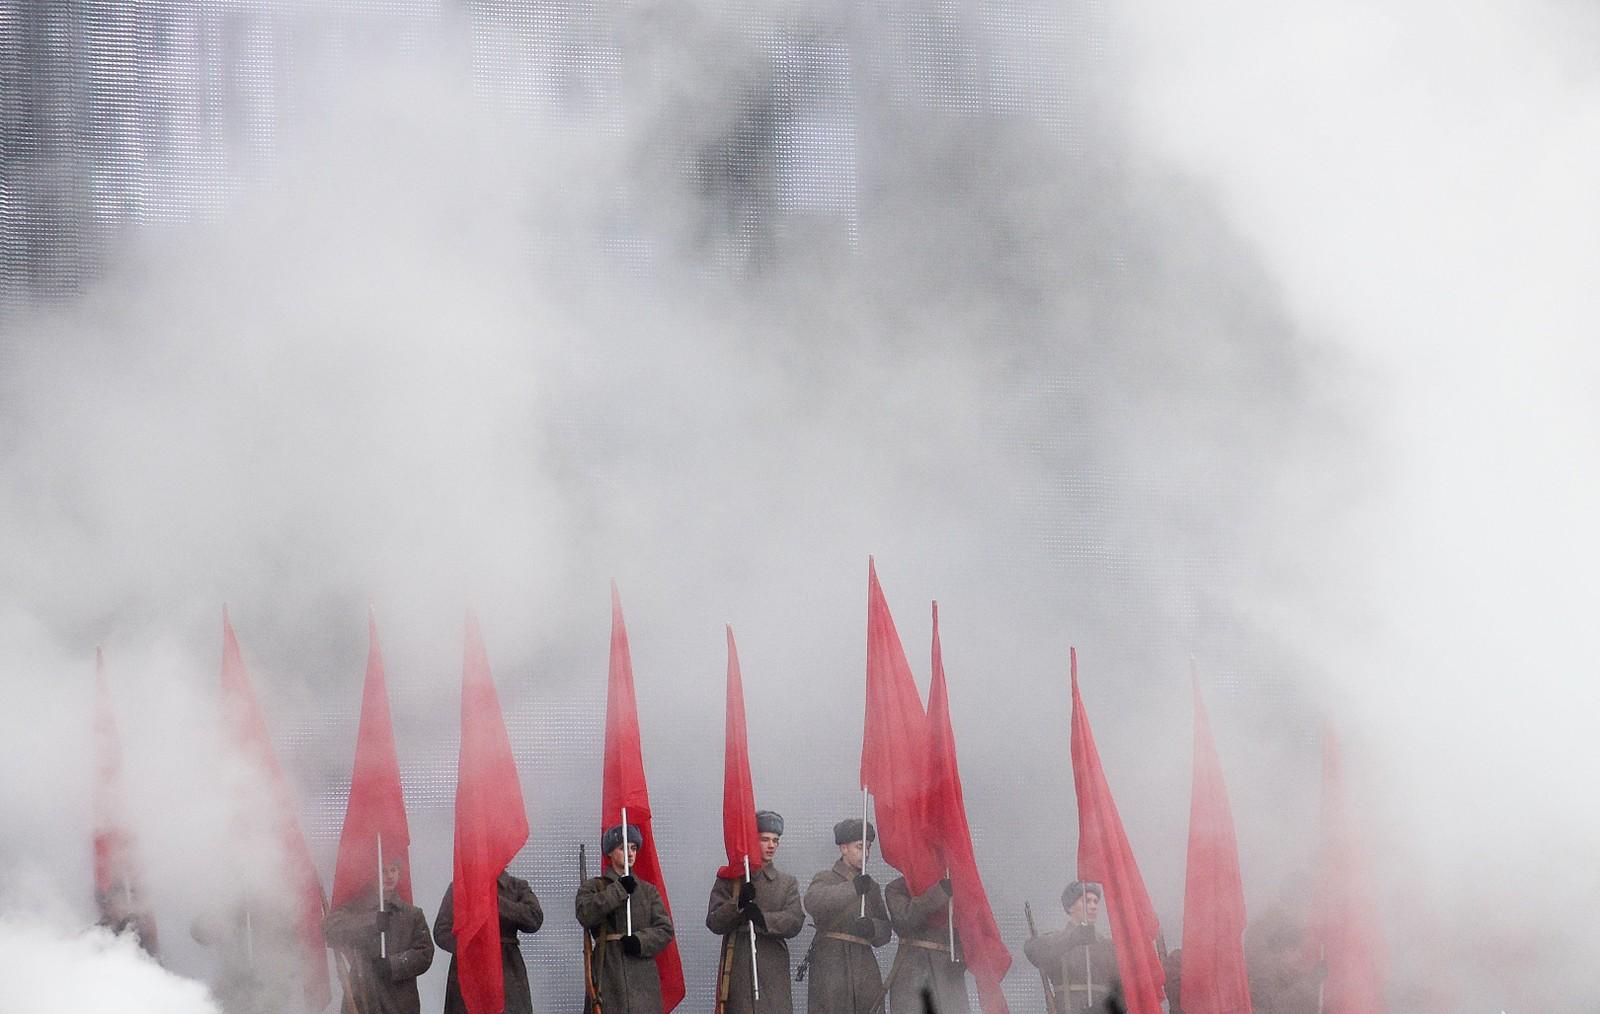 Russiske soldatar i historiske uniformar gjenskapte dramatikken då soldatar frå Den raude arme marsjerte forbi murane i Kreml og mot fronten.